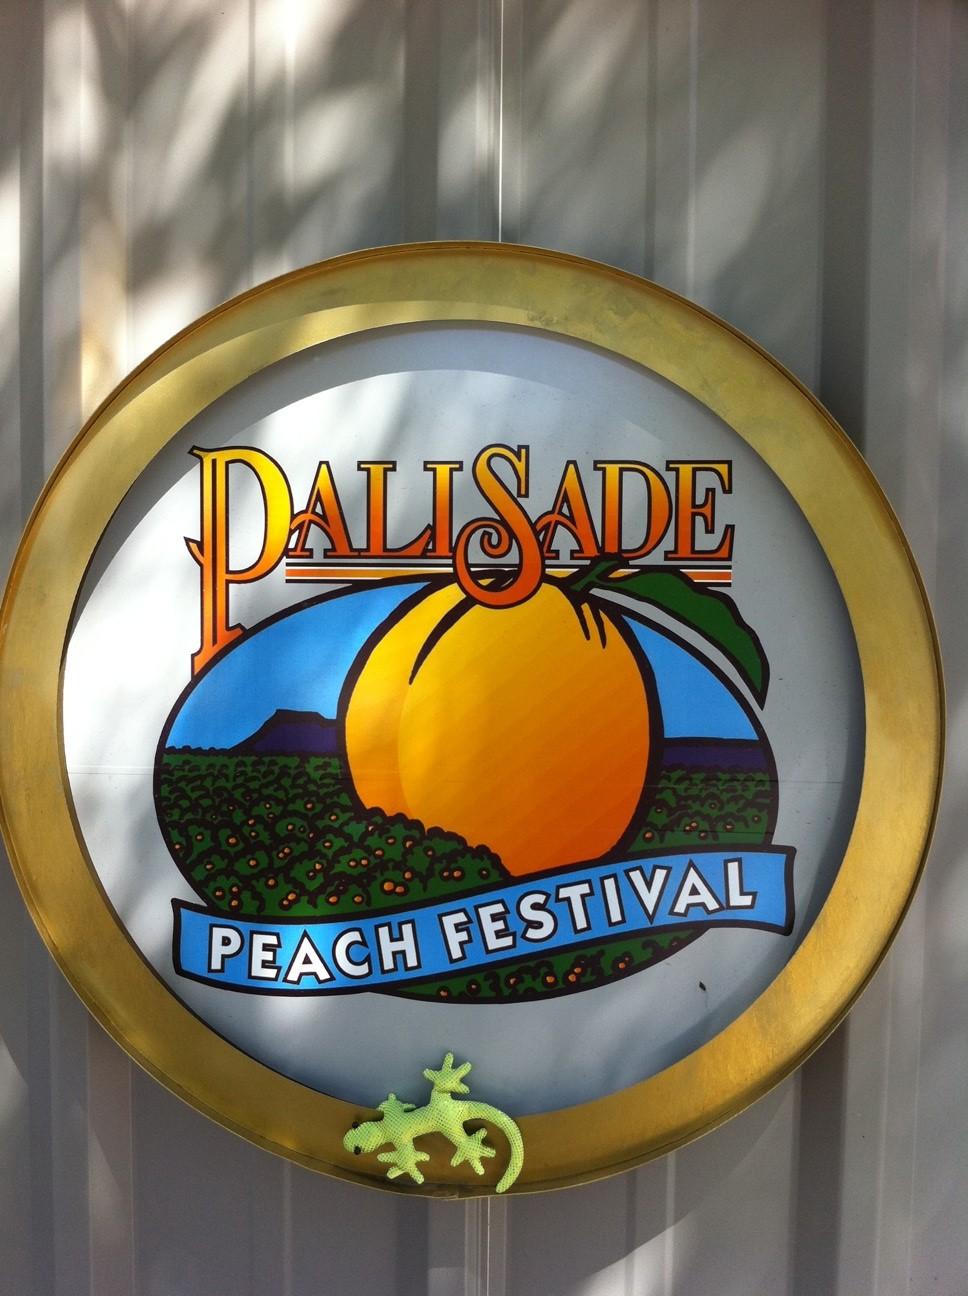 foxandthird Palisade Peach Festival Peaches